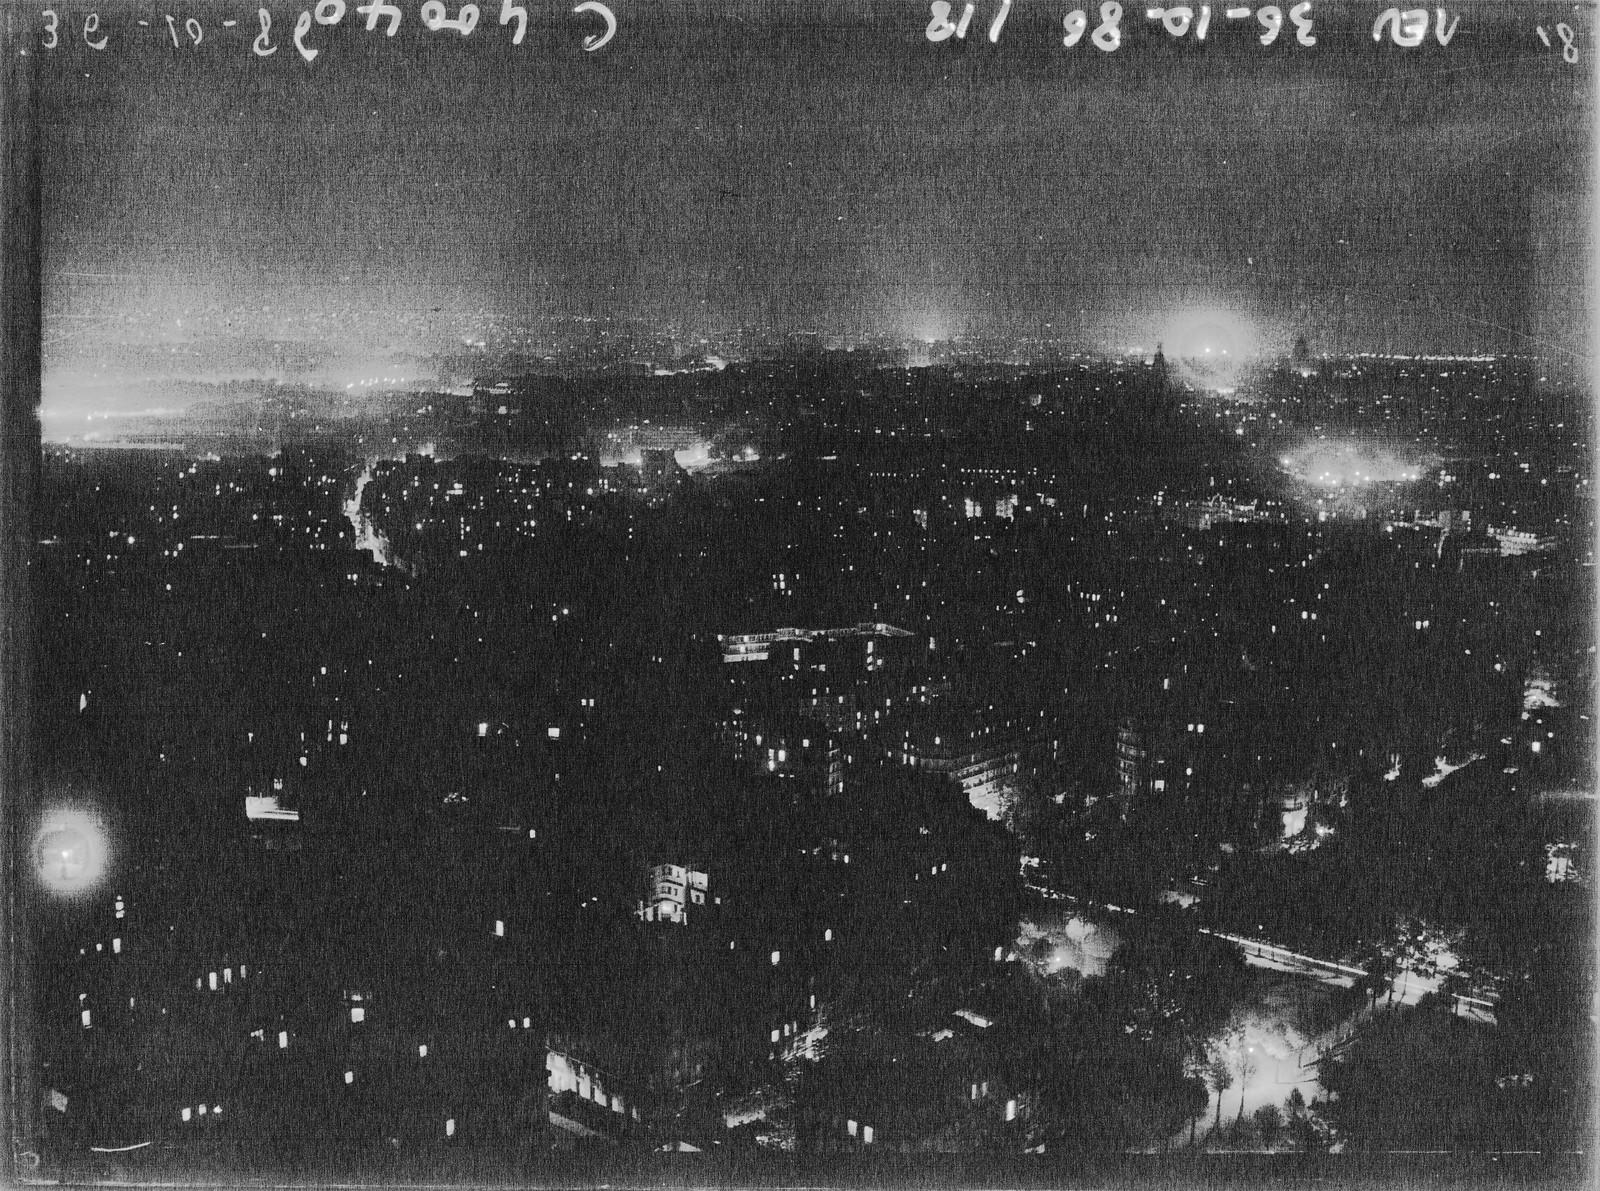 14. 1936. Париж перед тем, как погаснет свет (вид с Эйфелевой башни)